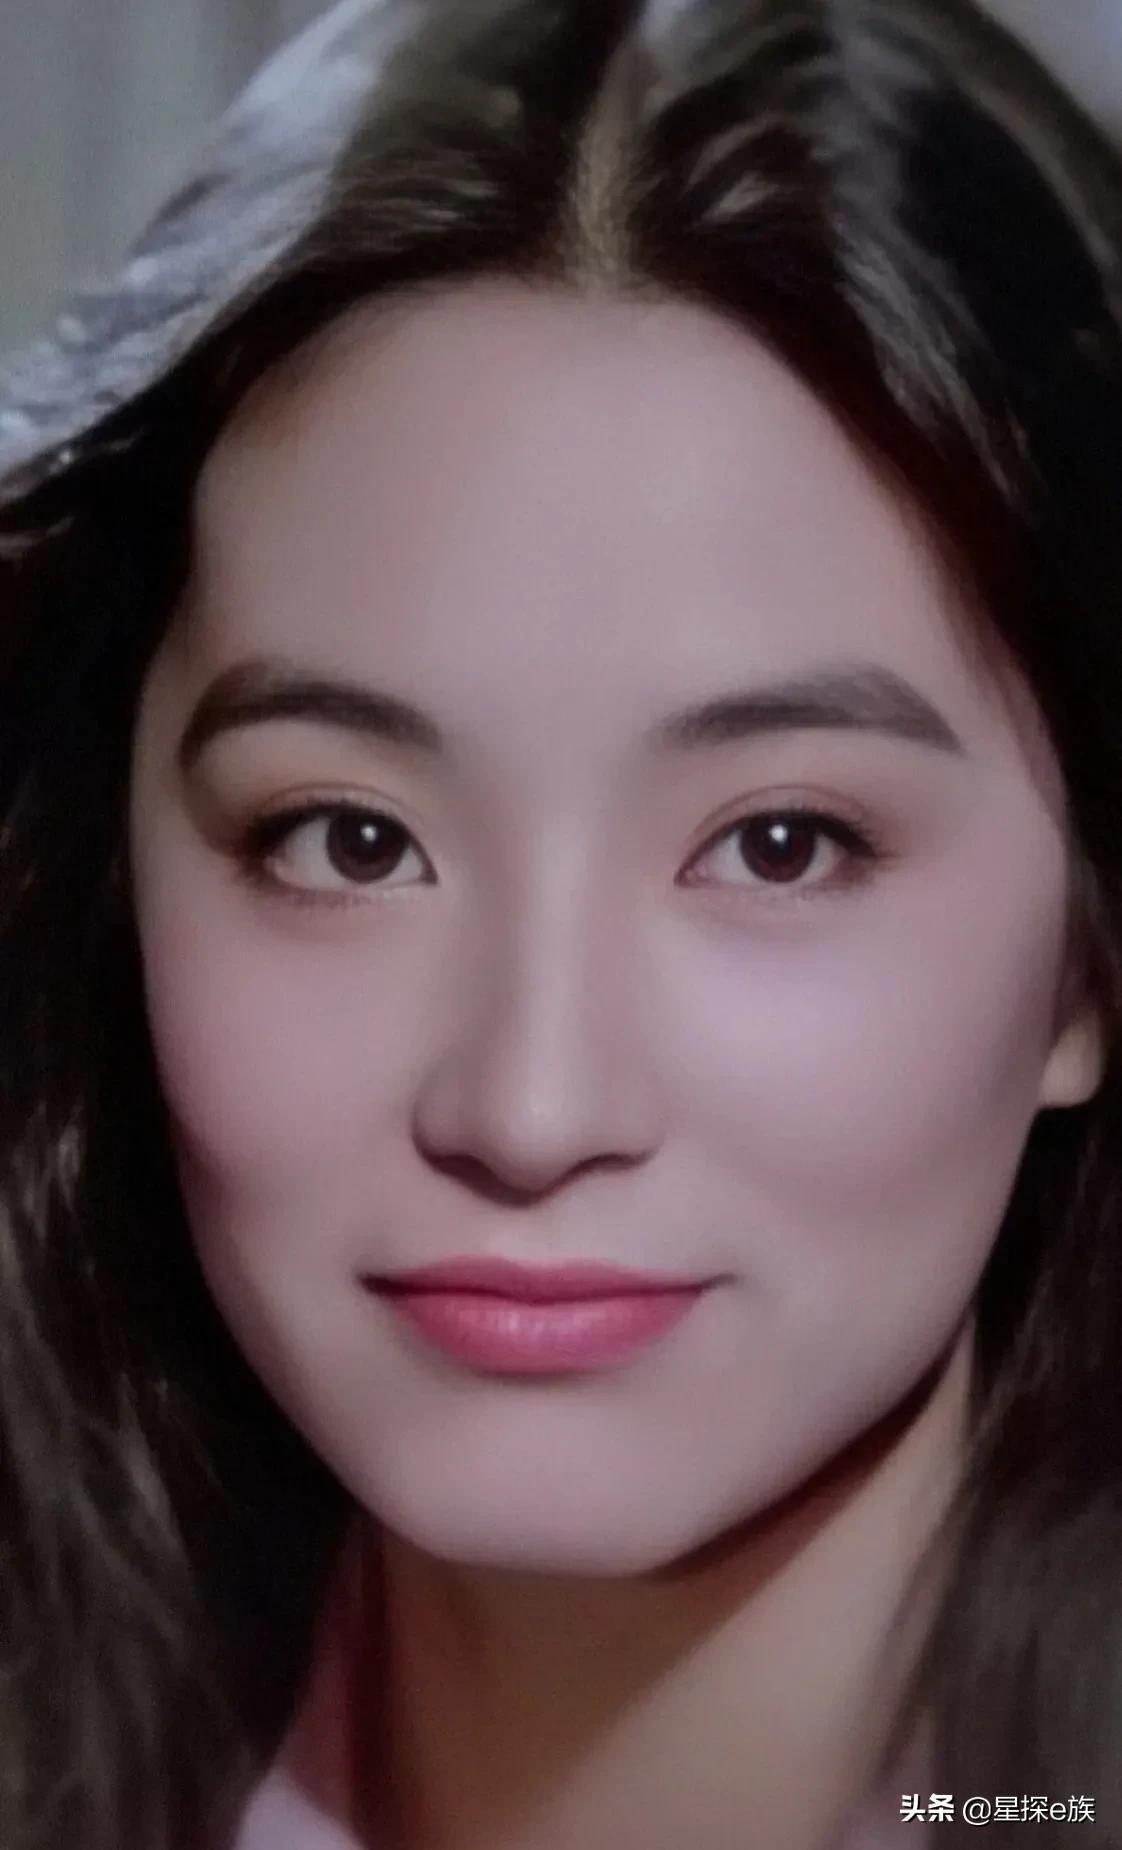 关之琳跟林青霞真人长什么样?